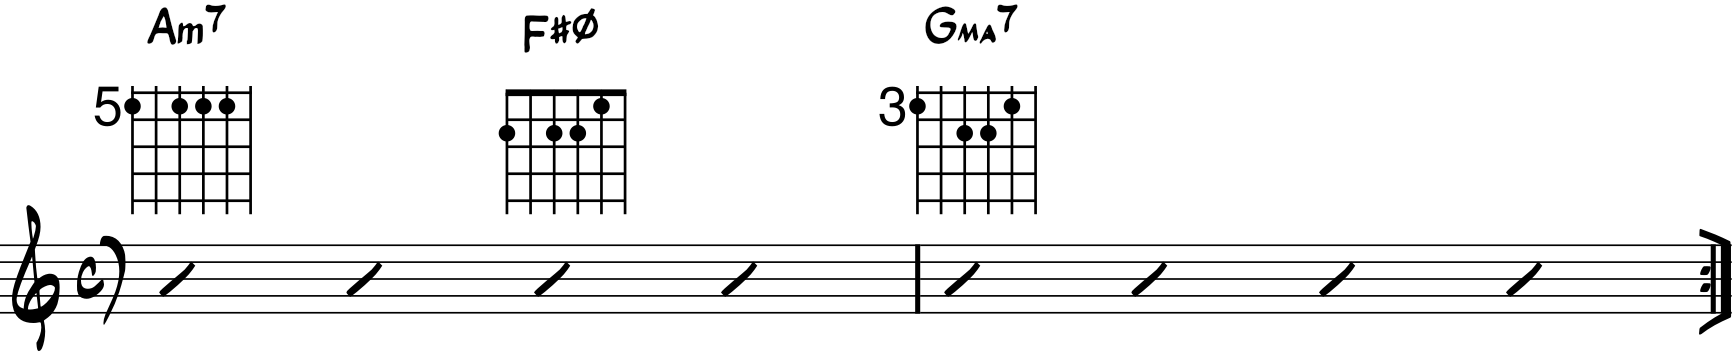 ejemplo de progresión con acorde semidisminuido guitarra